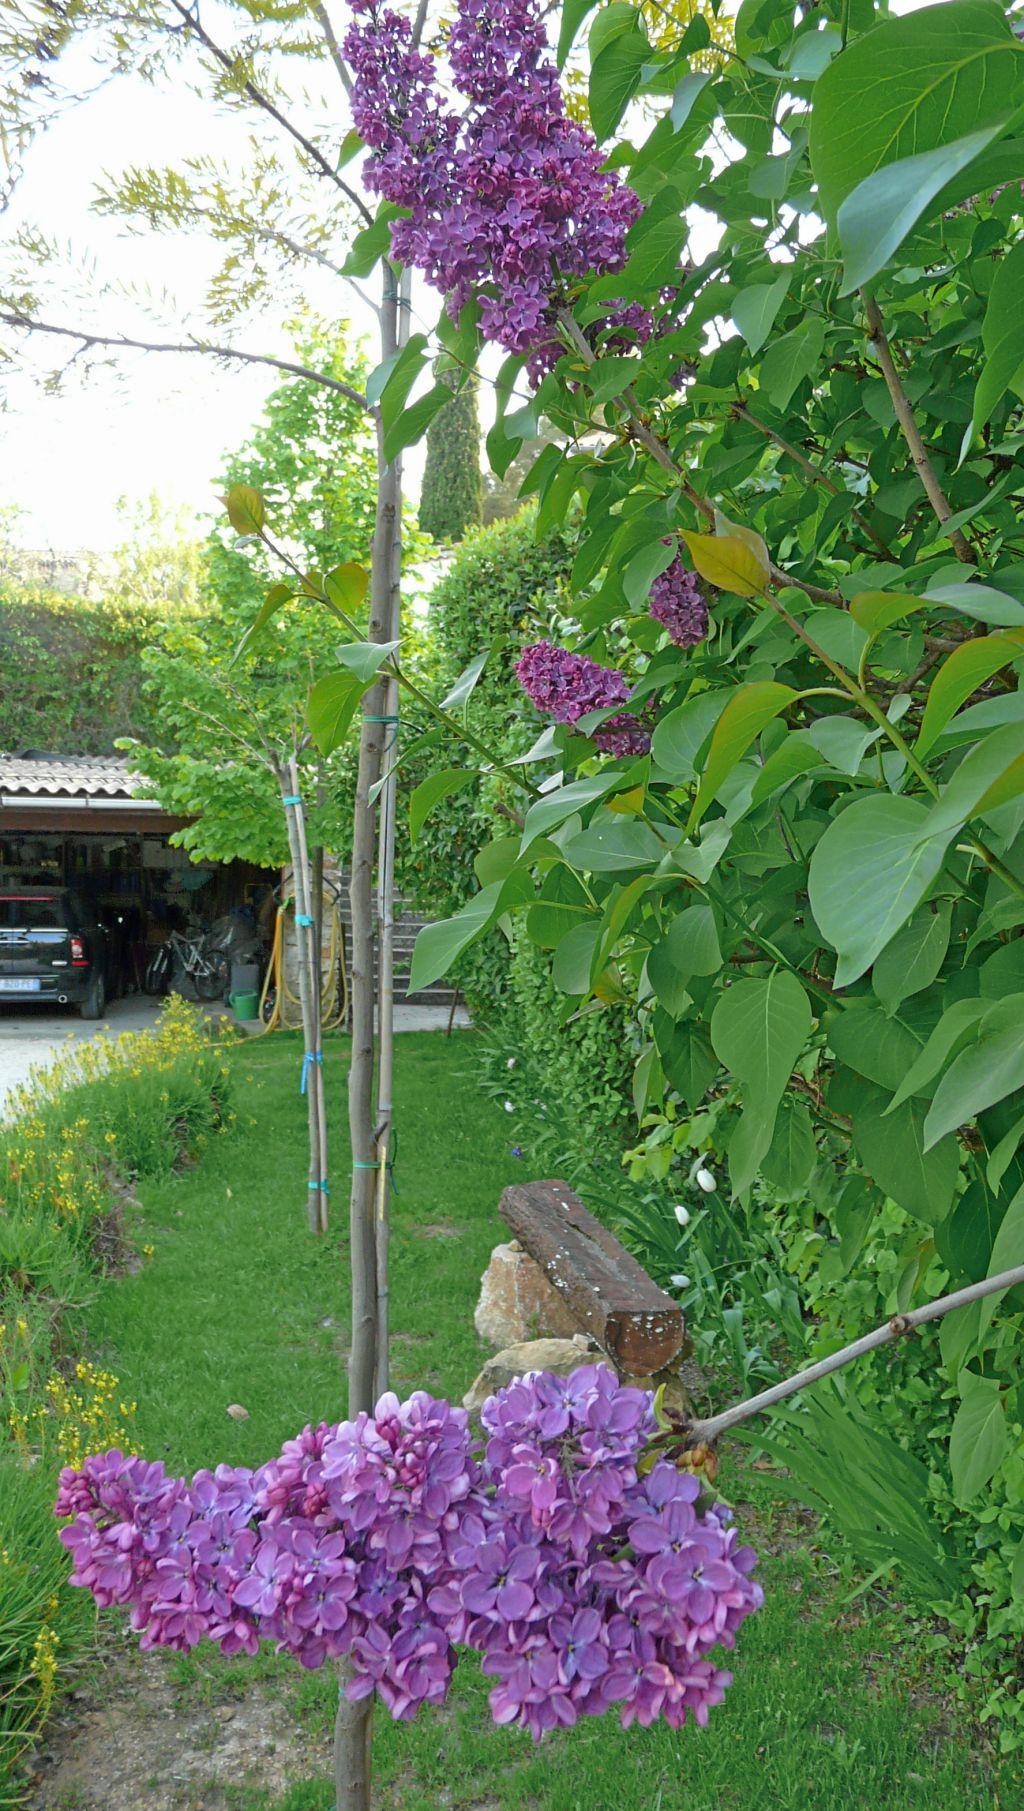 Quand le mauve des lilas compl te en hauteur le jaune et l 39 orange des bulbin as comment - Quand tailler les lilas ...